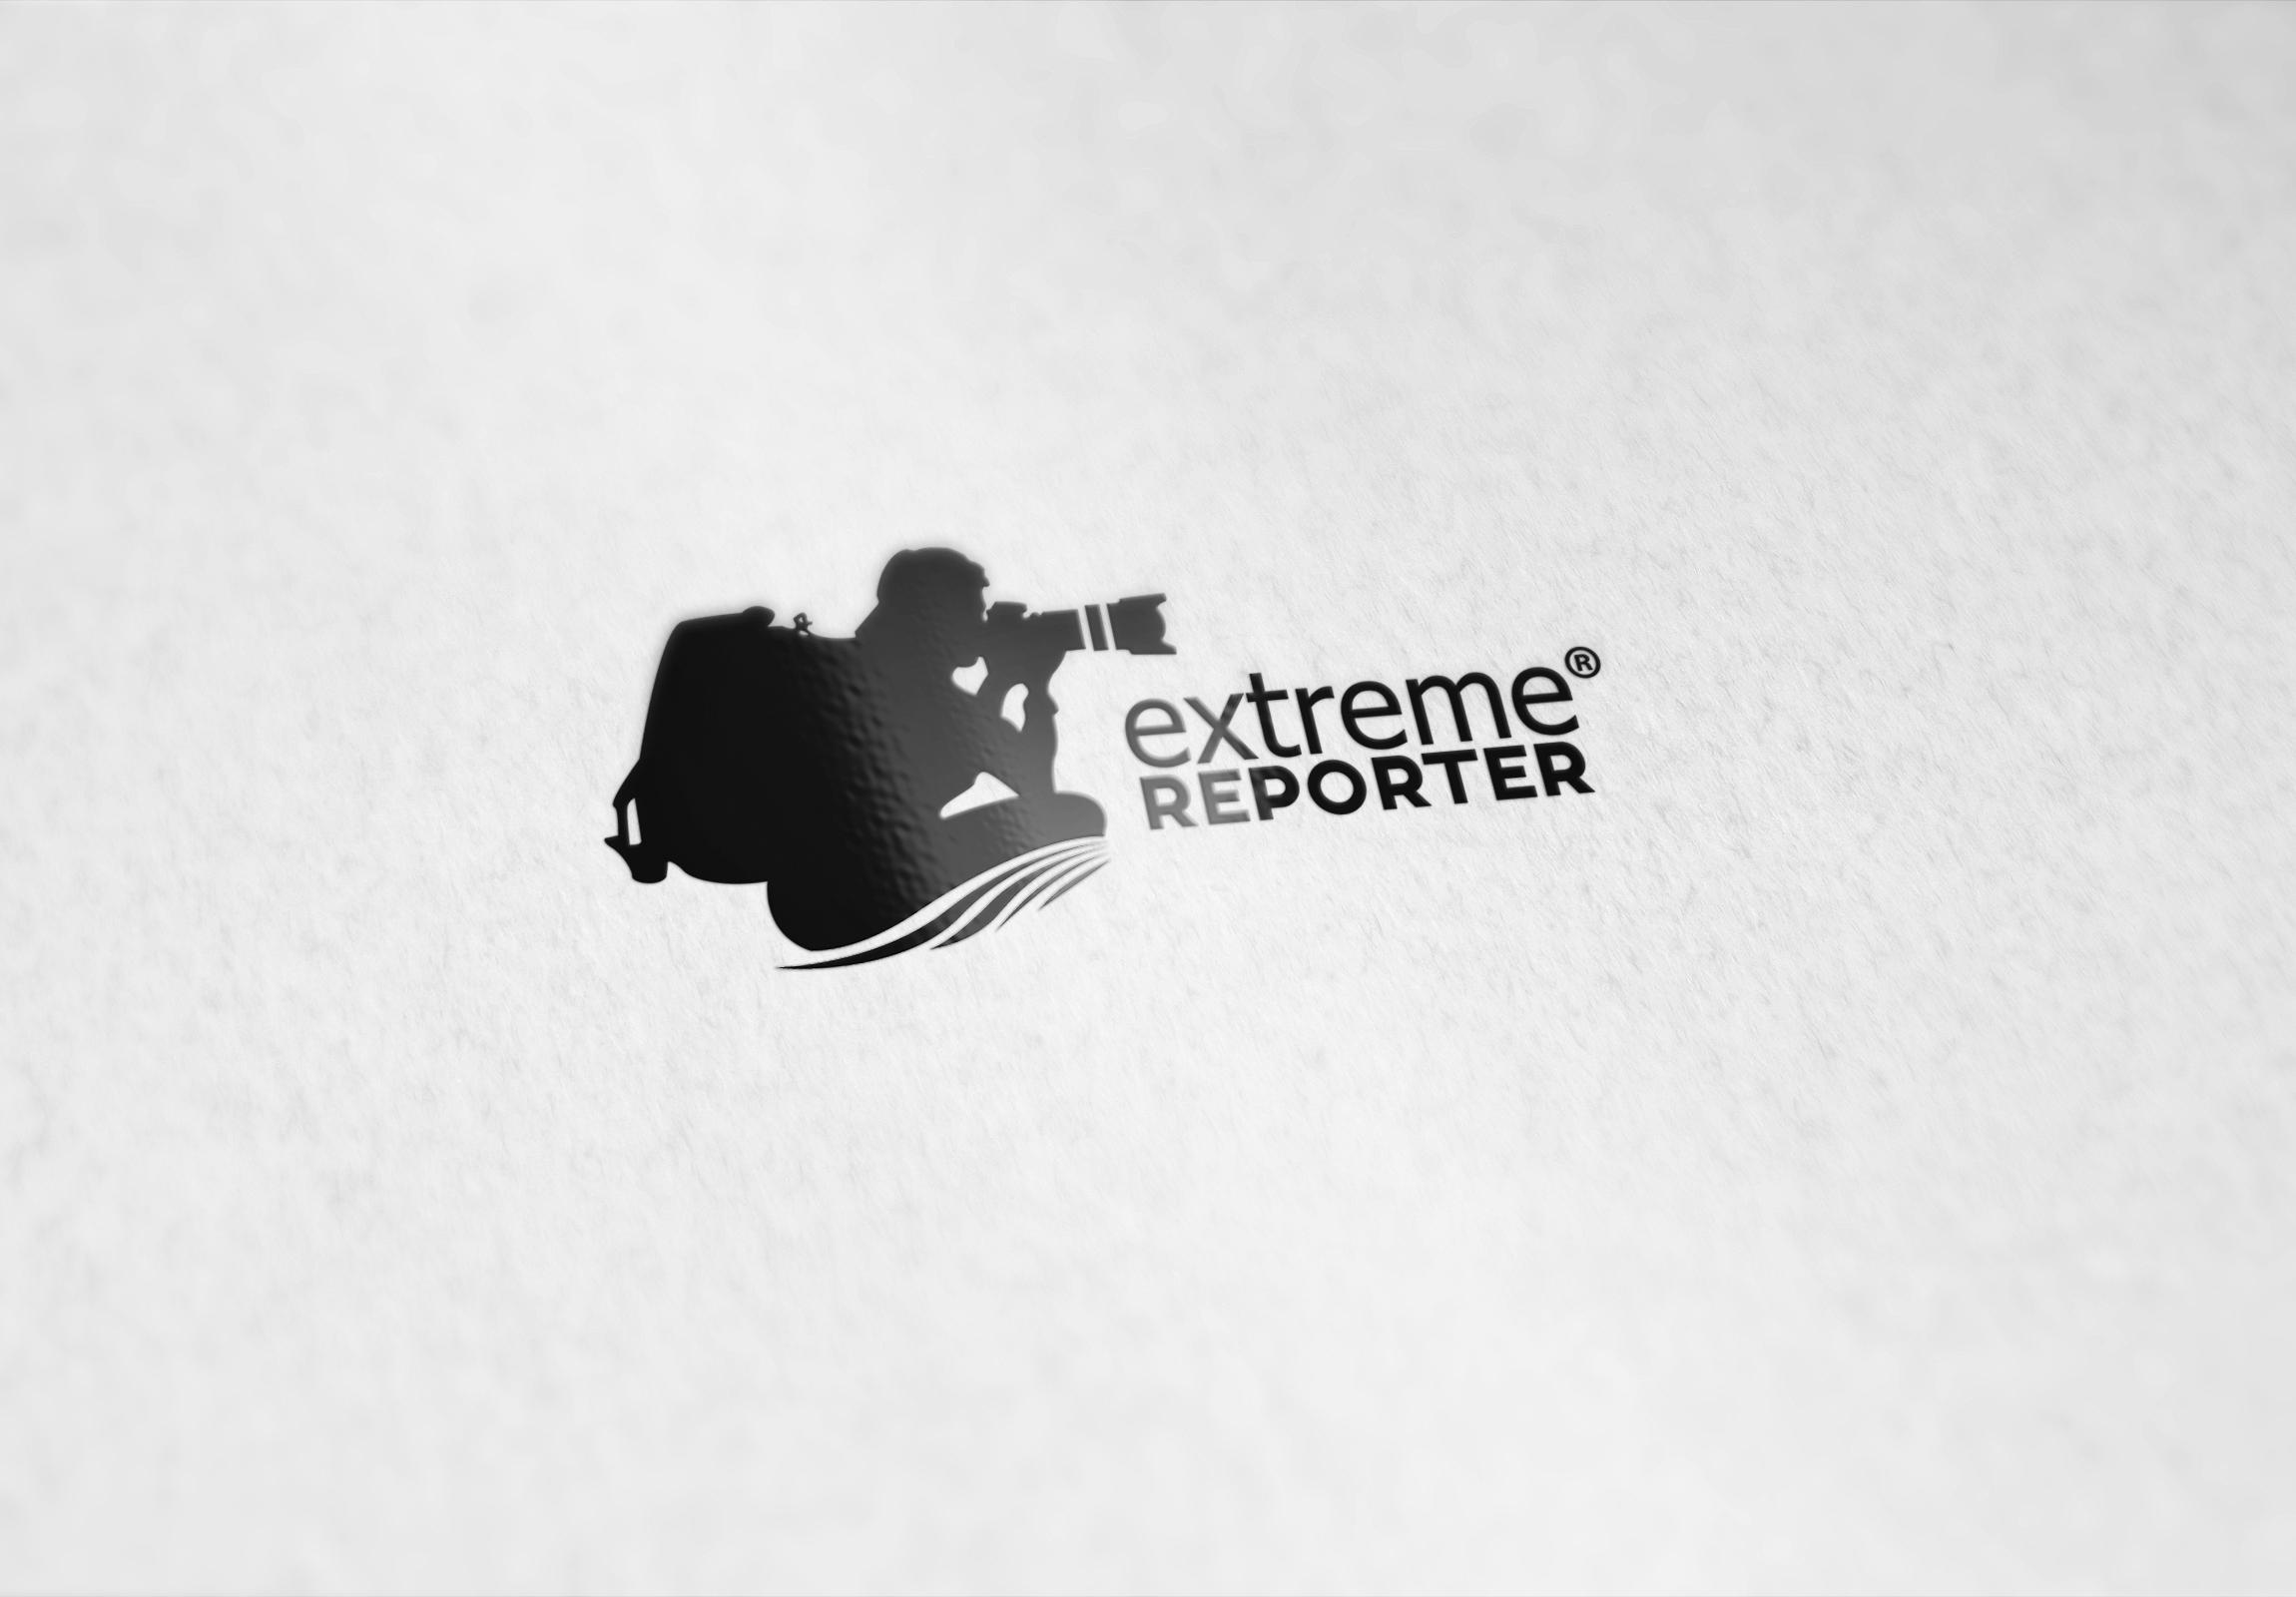 Логотип для экстрим фотографа.  фото f_1905a53a8c2c9a1e.jpg